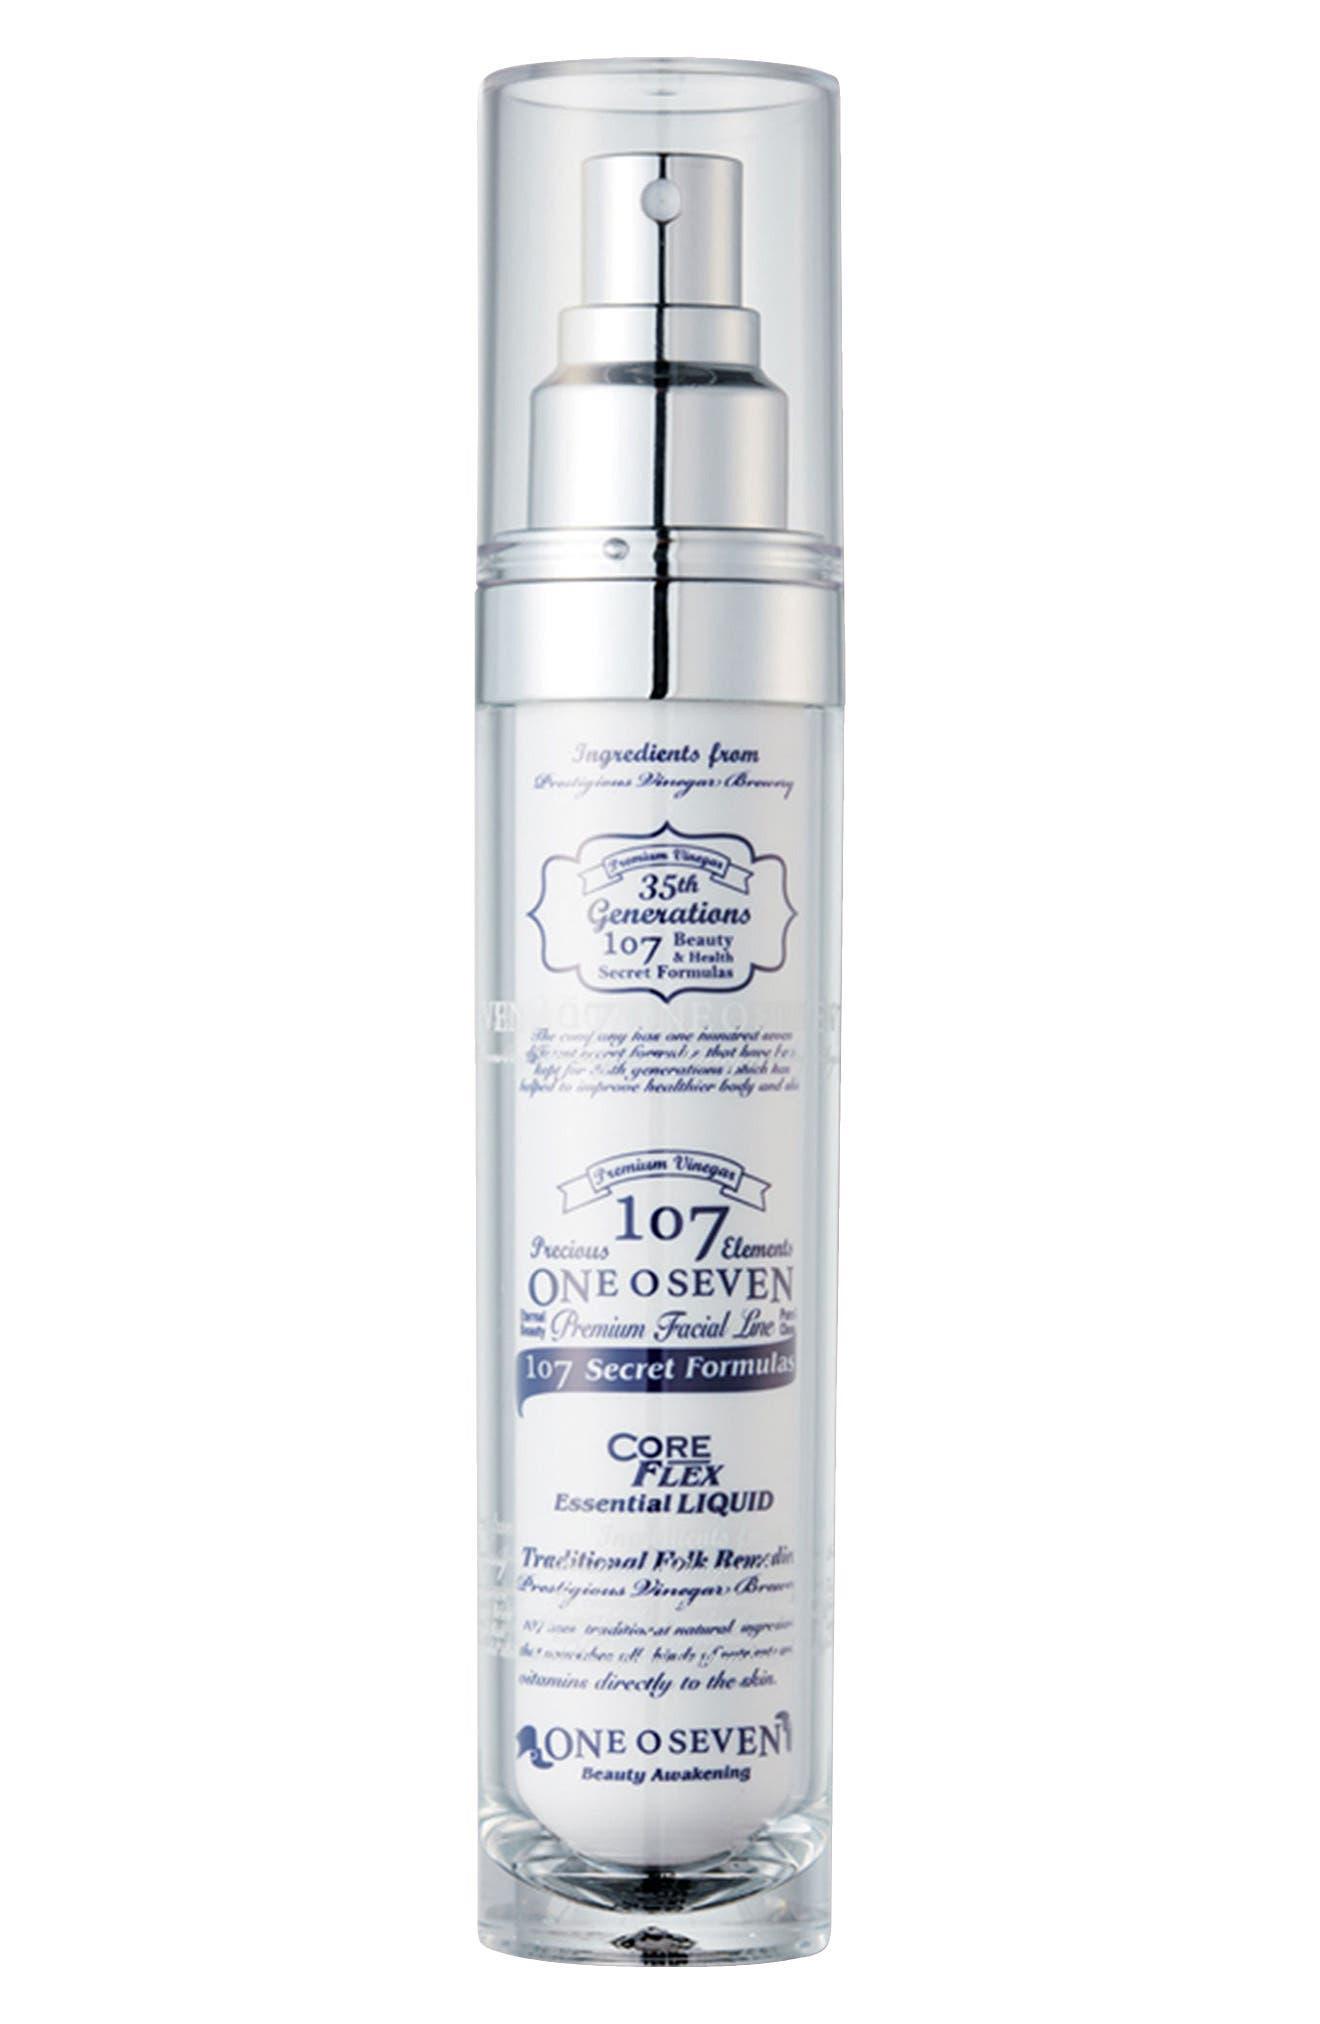 Main Image - 107 ONEOSEVEN Core Flex Essential Liquid